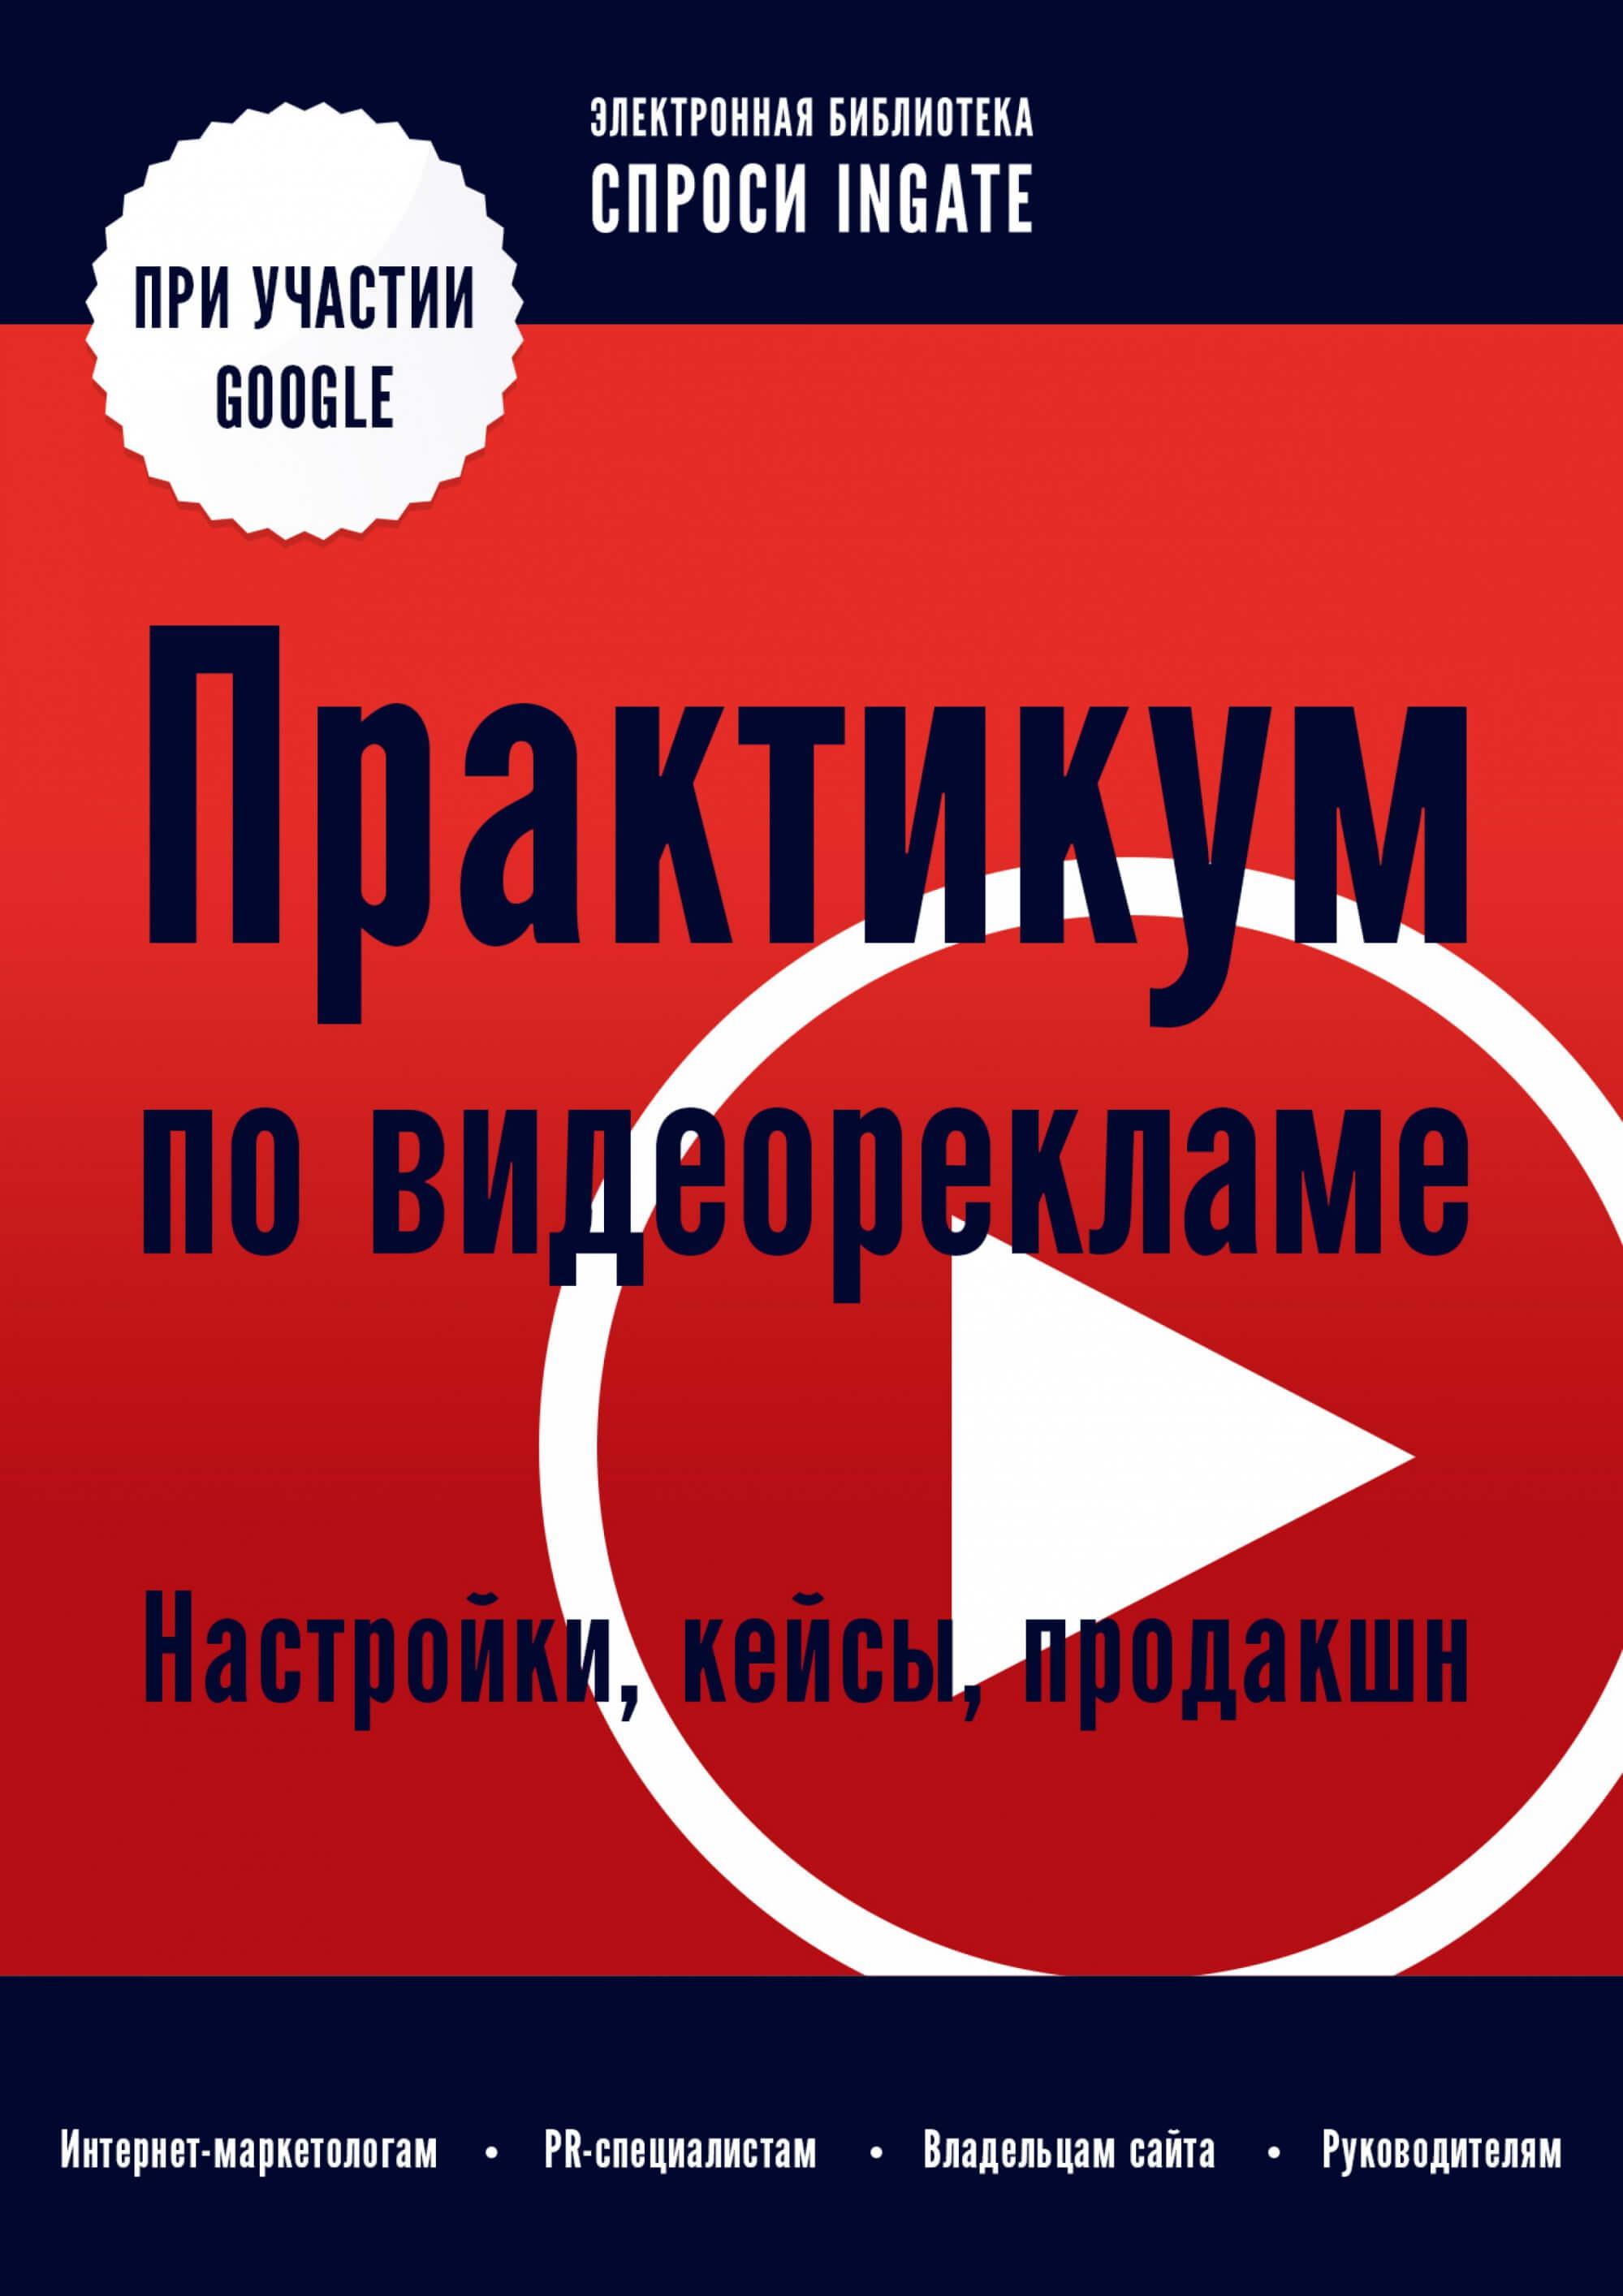 Видеореклама.jpg